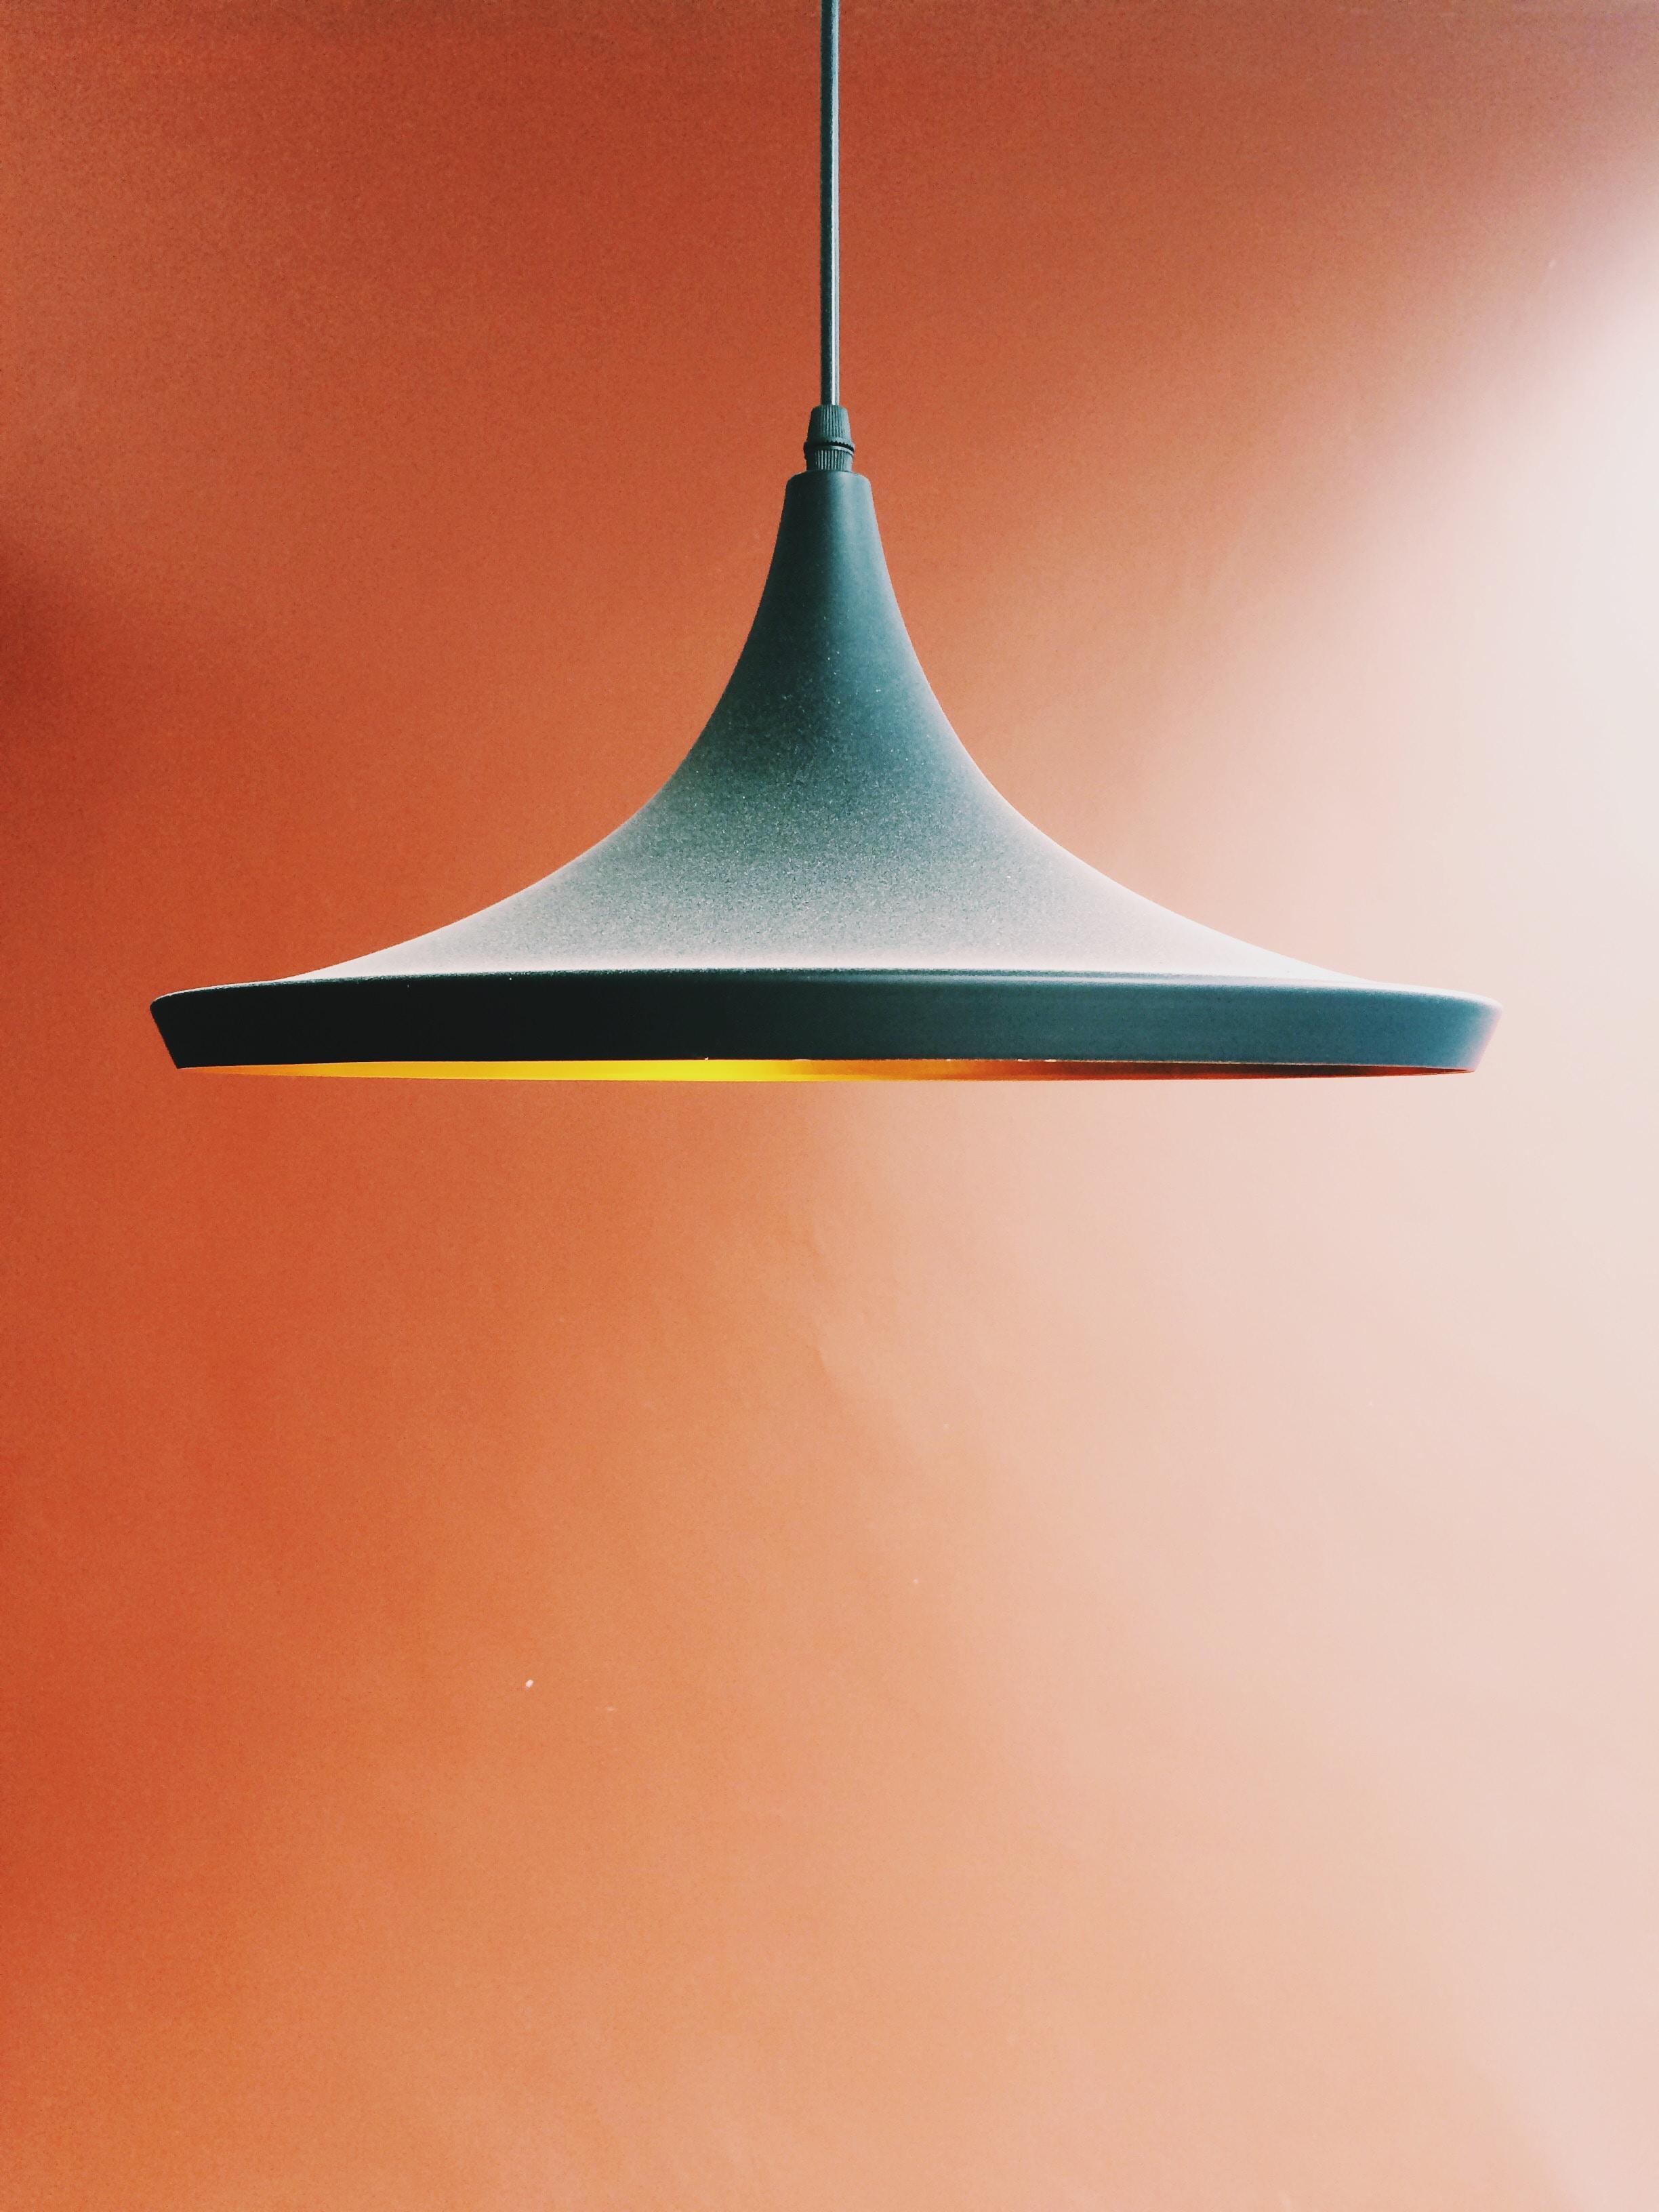 pendant lamp in orange background